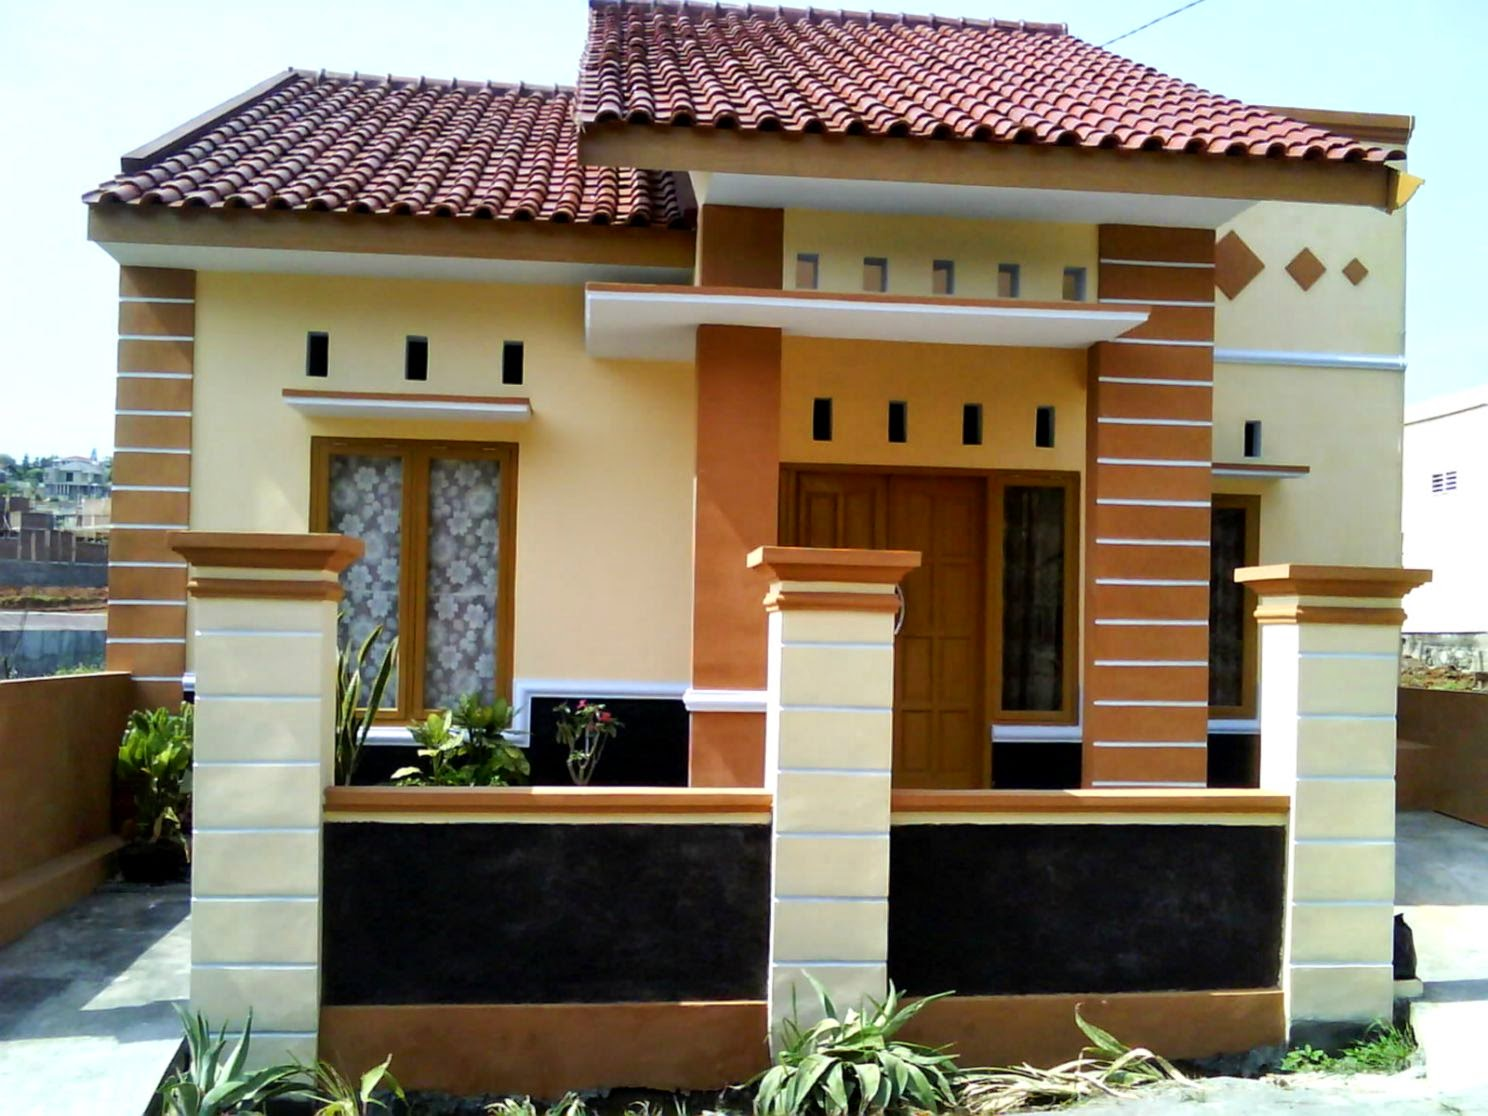 110 Gambar Rumah Minimalis Sederhana Murah Gambar Desain Rumah